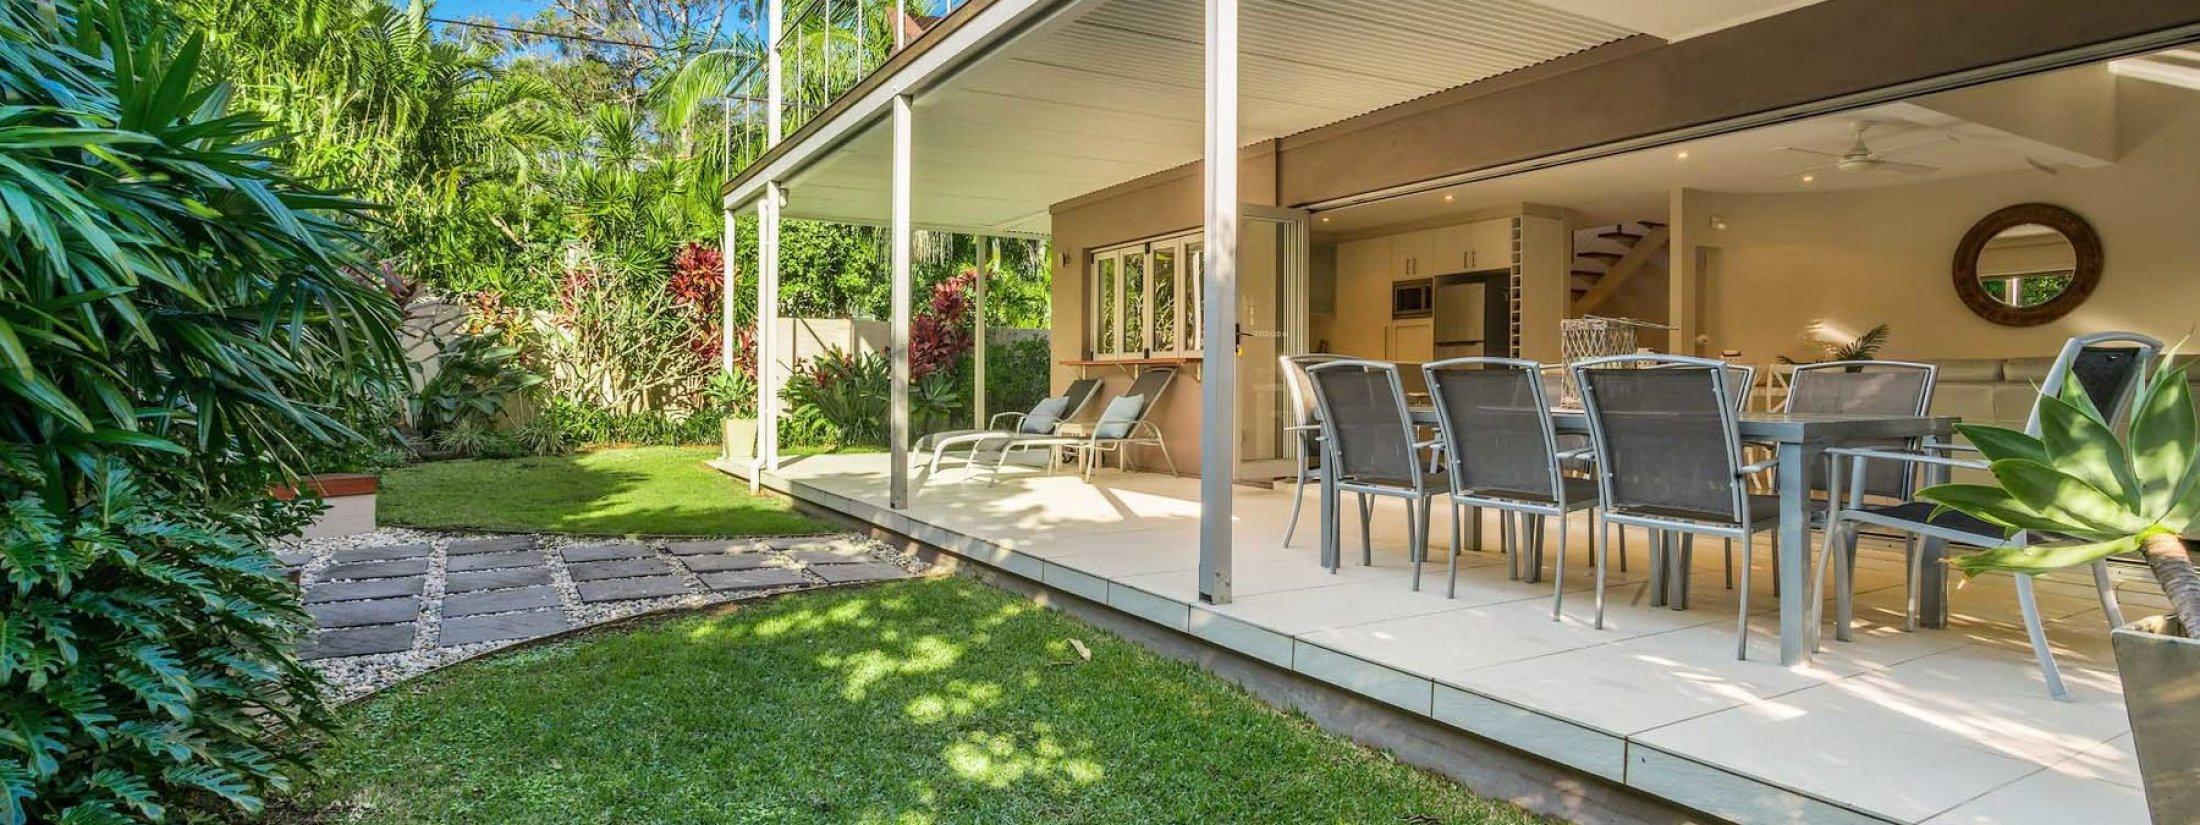 Byron Beach Style - Byron Bay - Lower Deck and Yard